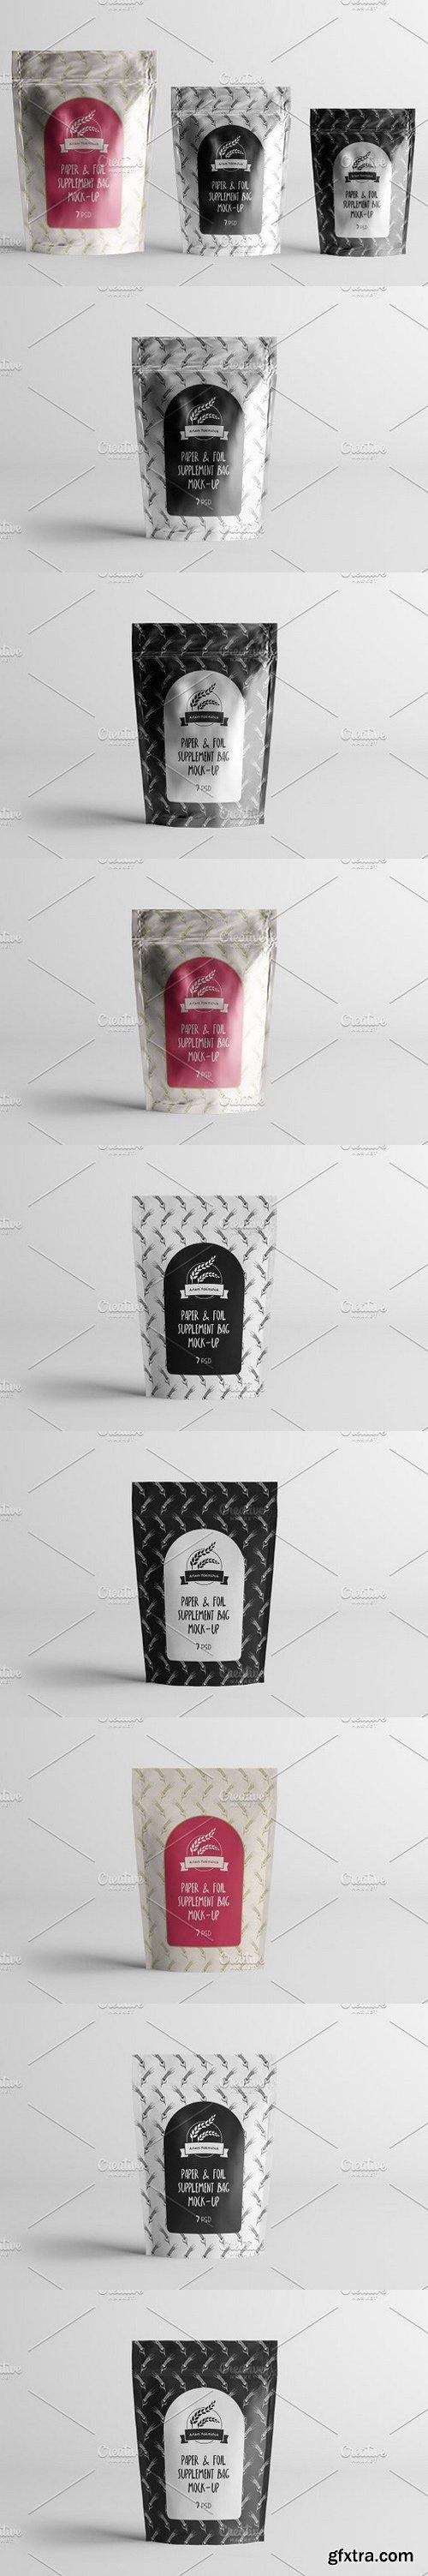 CM - Paper/Plastic/Foil Blank Mock-Up 1099238